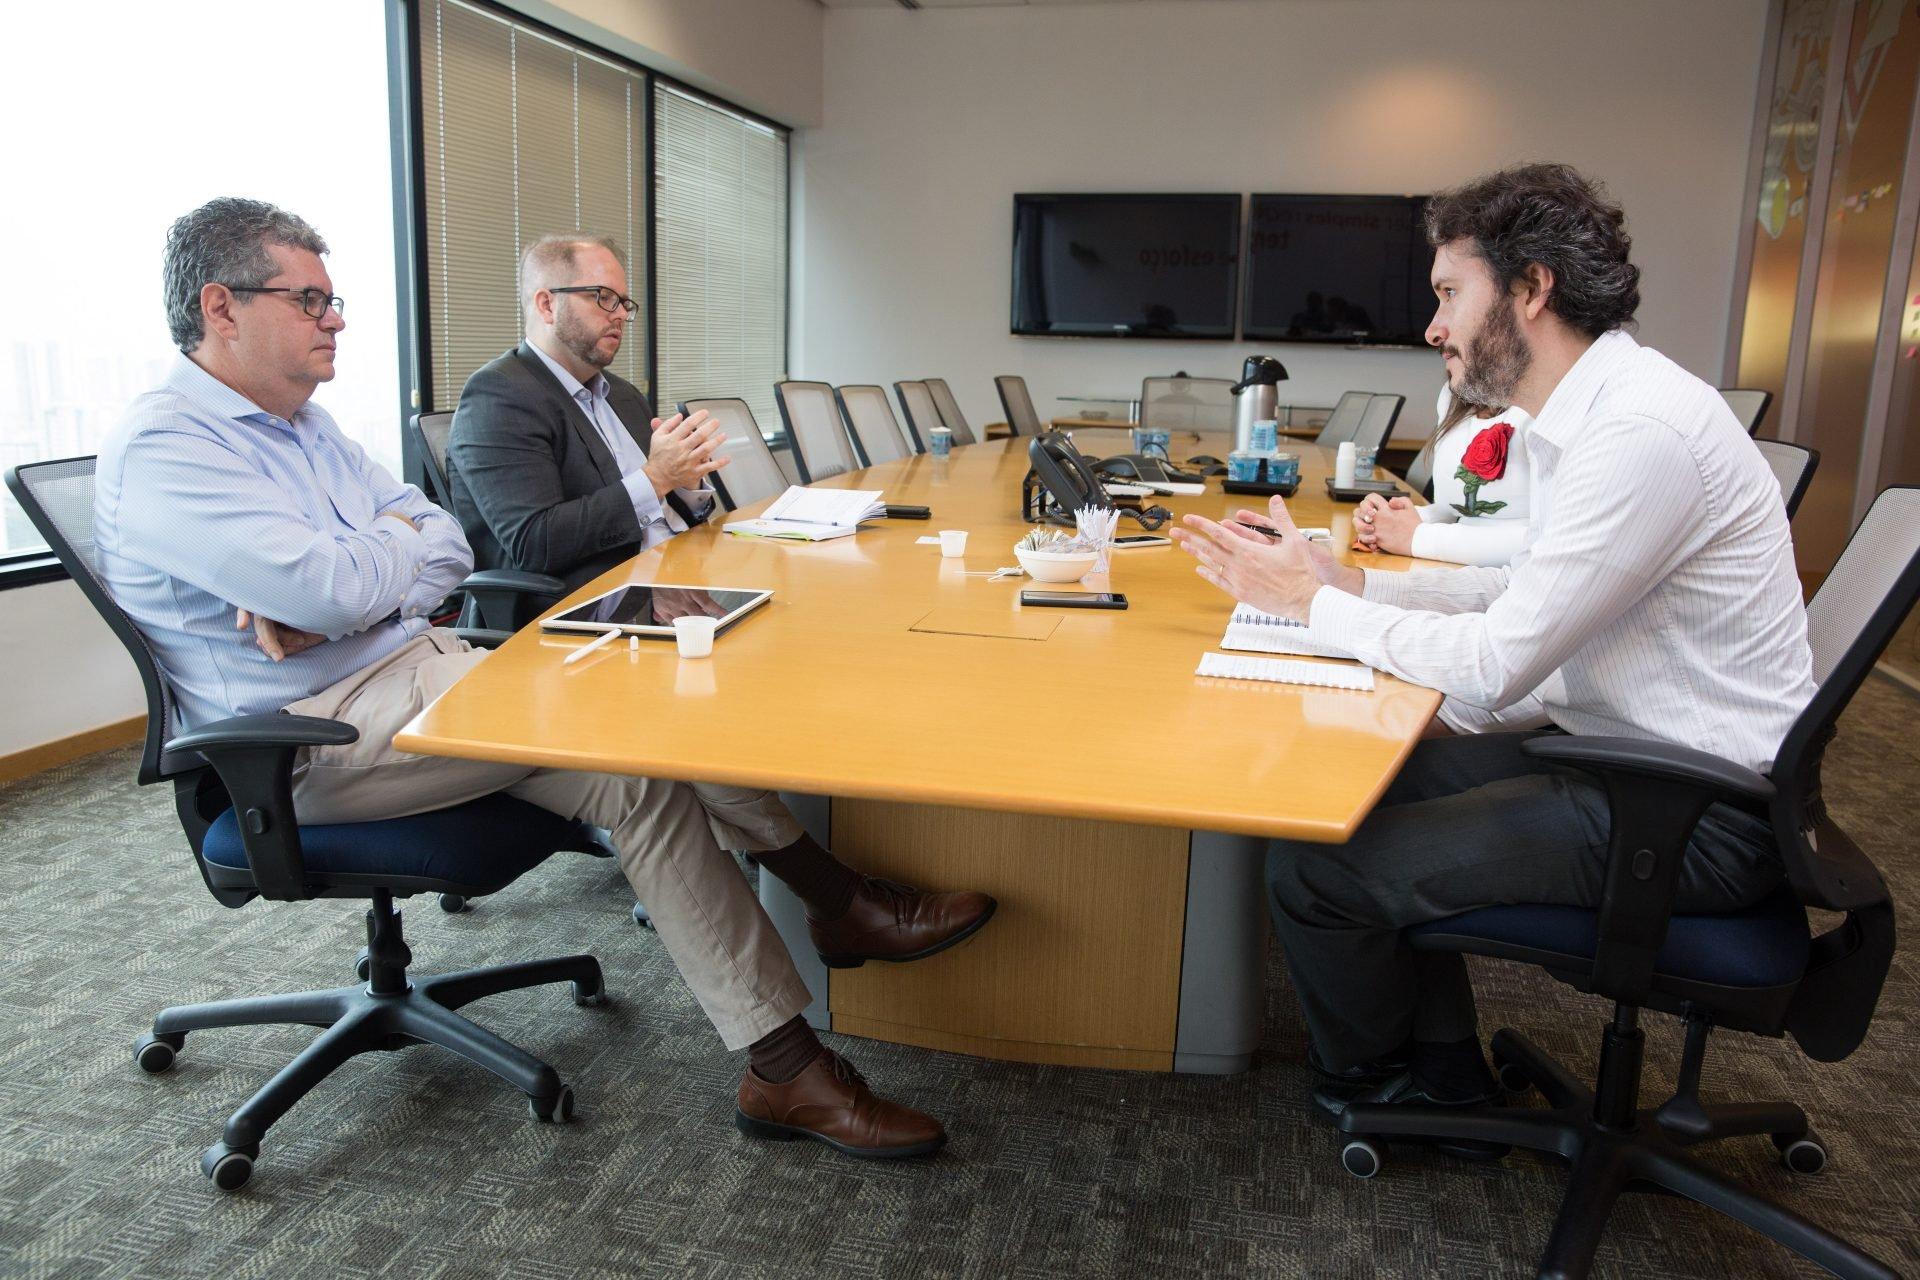 Claudio Sanches, diretor de produtos de investimento e previdência do Itaú Unibanco, e Bruno Stein, superintendente de produtos